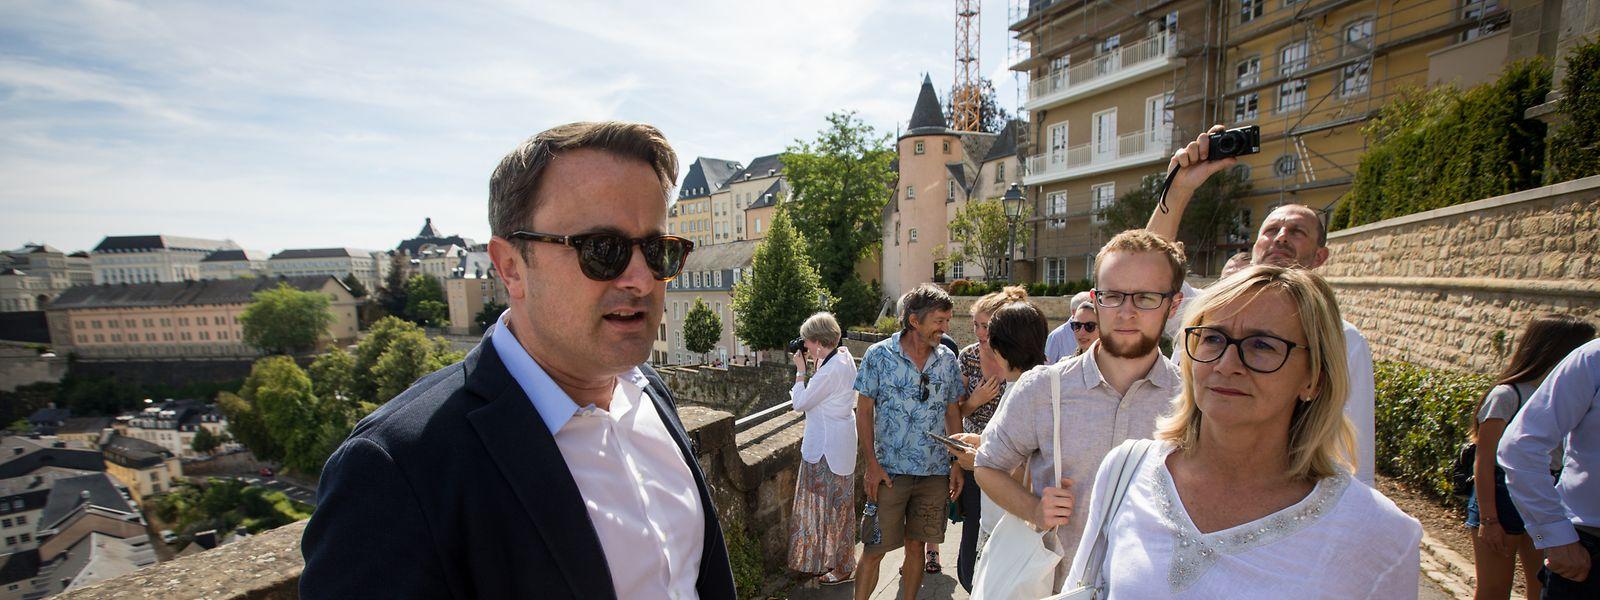 Premierminister Xavier Bettel: Als Stadtführer in seinem Element.